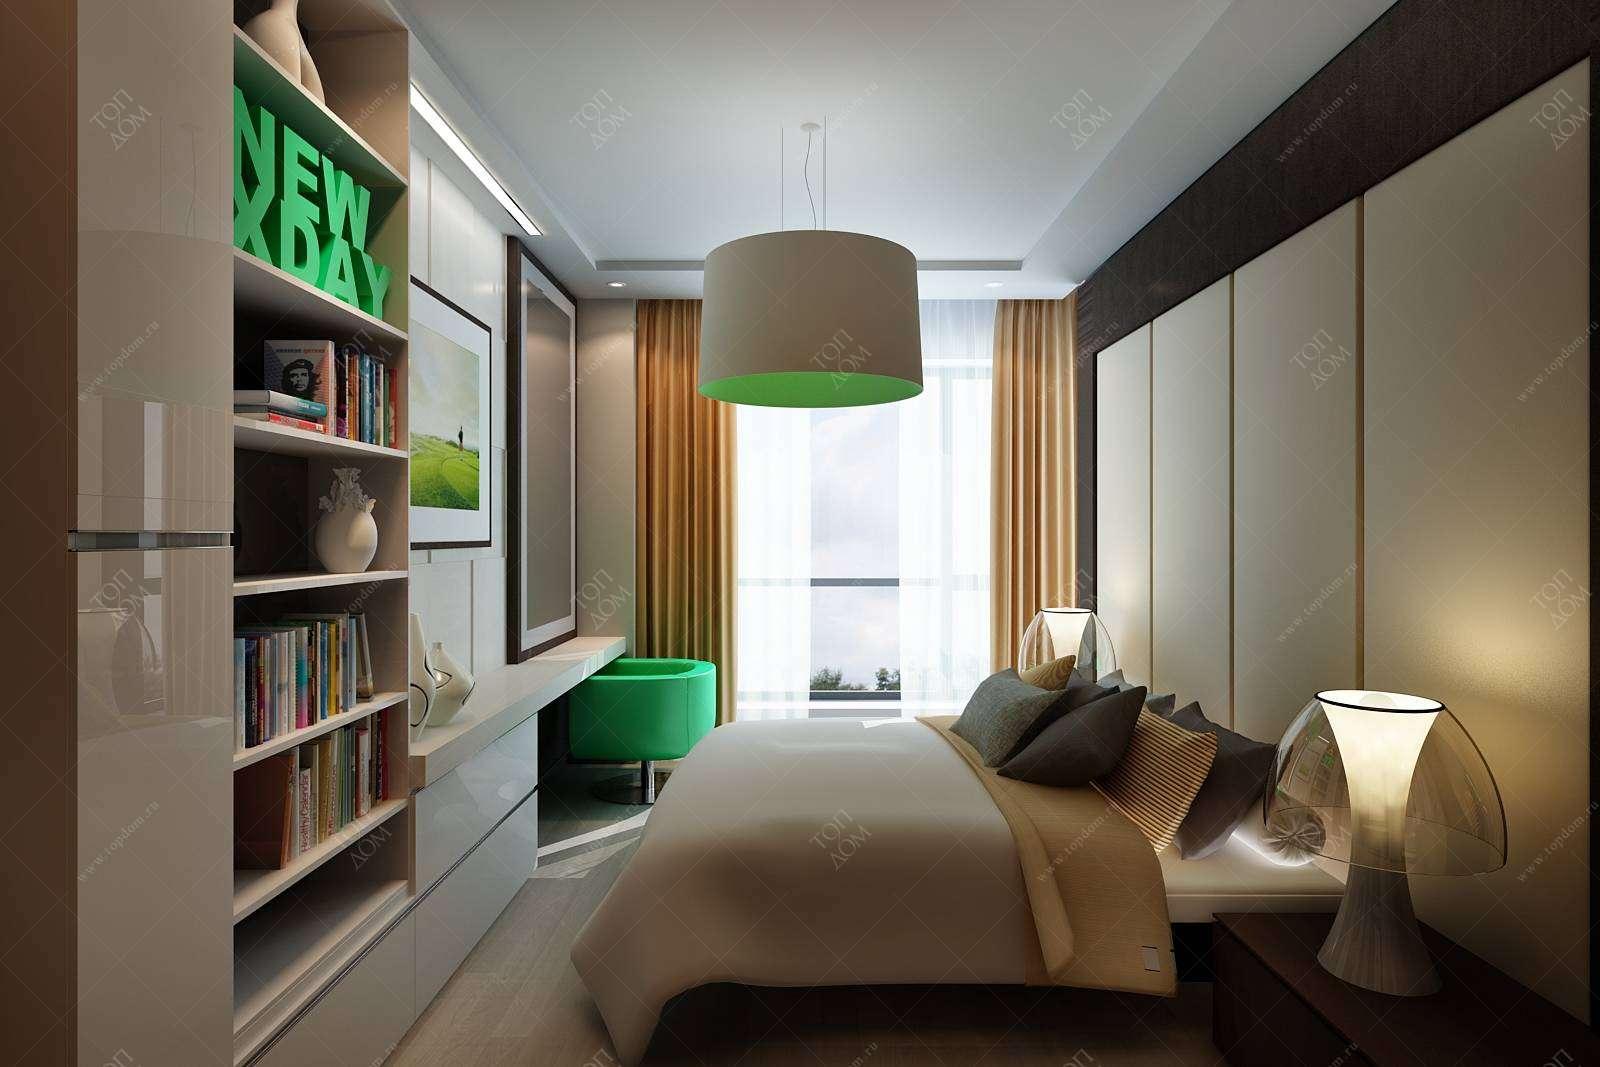 Декор интерьера квартиры фото